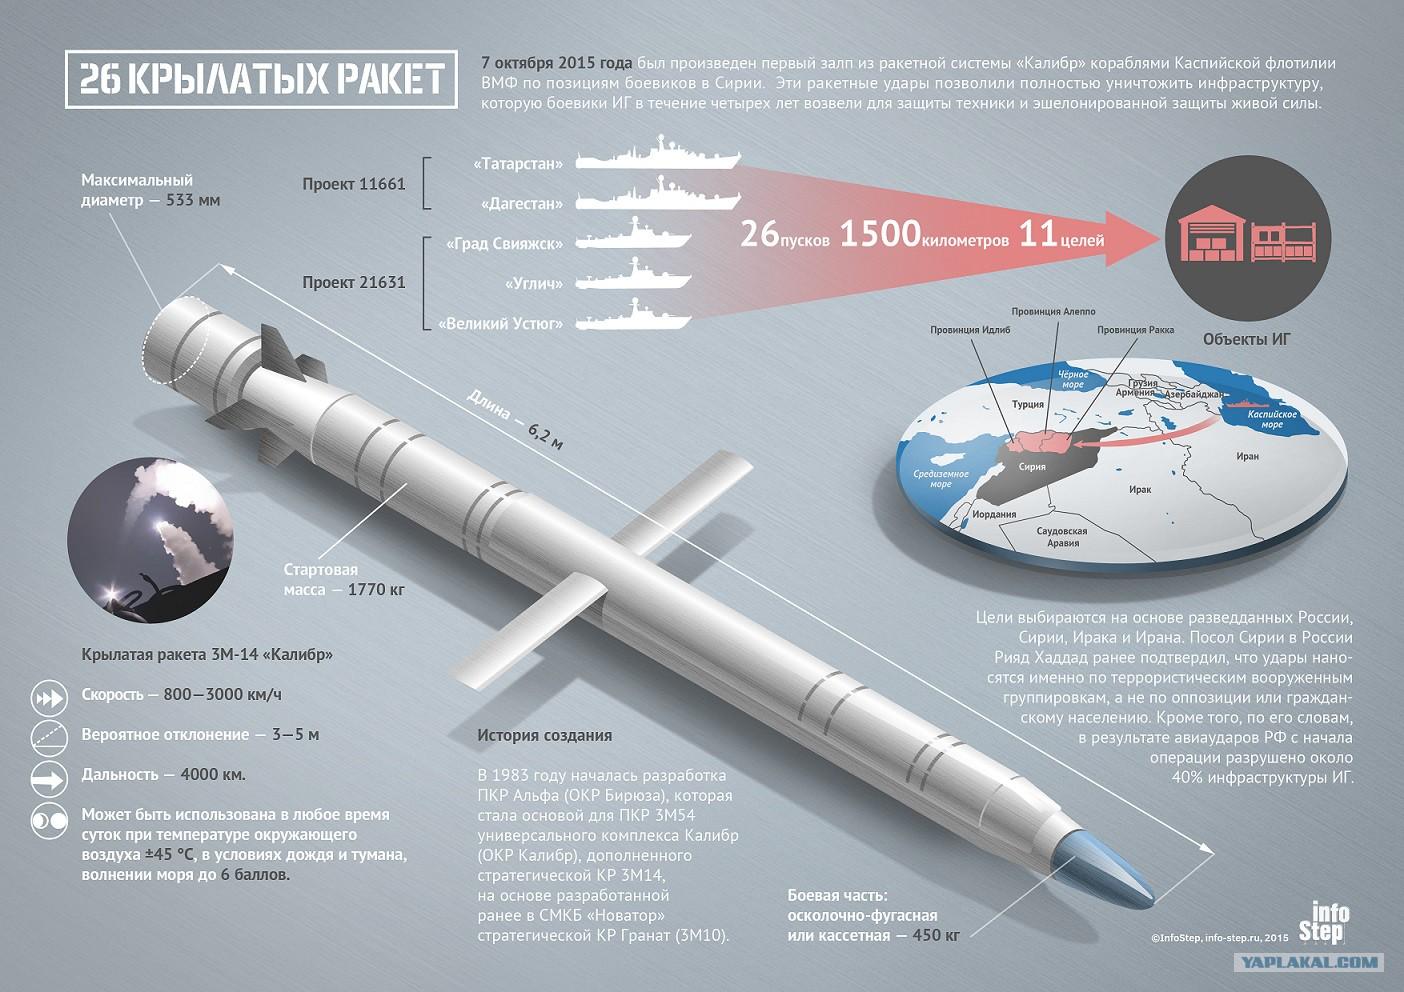 Обе ракеты имеют нормальную аэродинамическую схему, они максимально унифицированы.